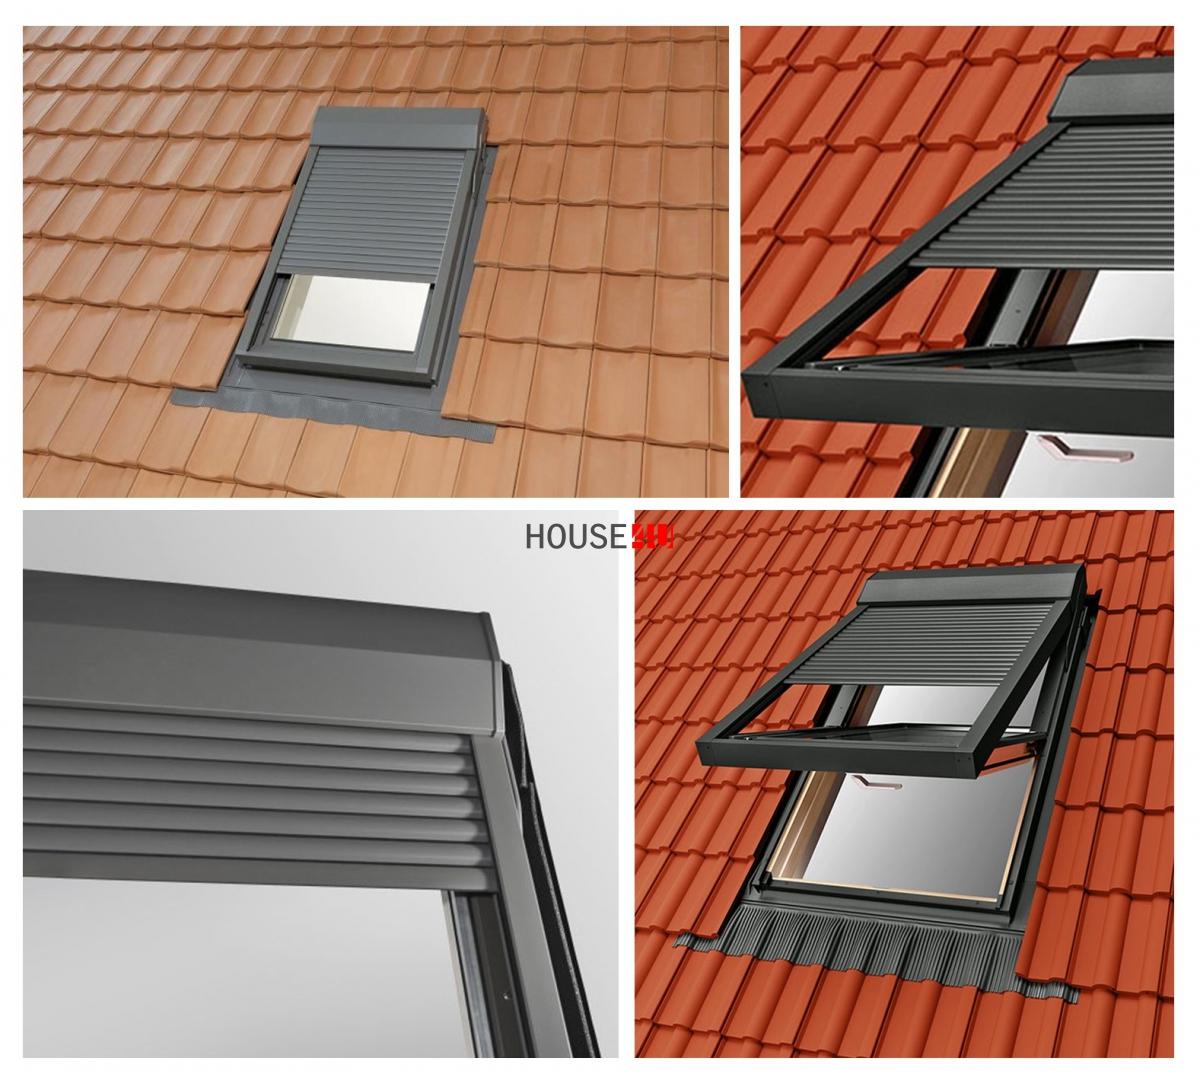 Full Size of Velux Scharnier Auenrollladen Elektrisch Shr Elektro Rollladen Rooflite Al Fenster Einbauen Ersatzteile Kaufen Preise Rollo Wohnzimmer Velux Scharnier